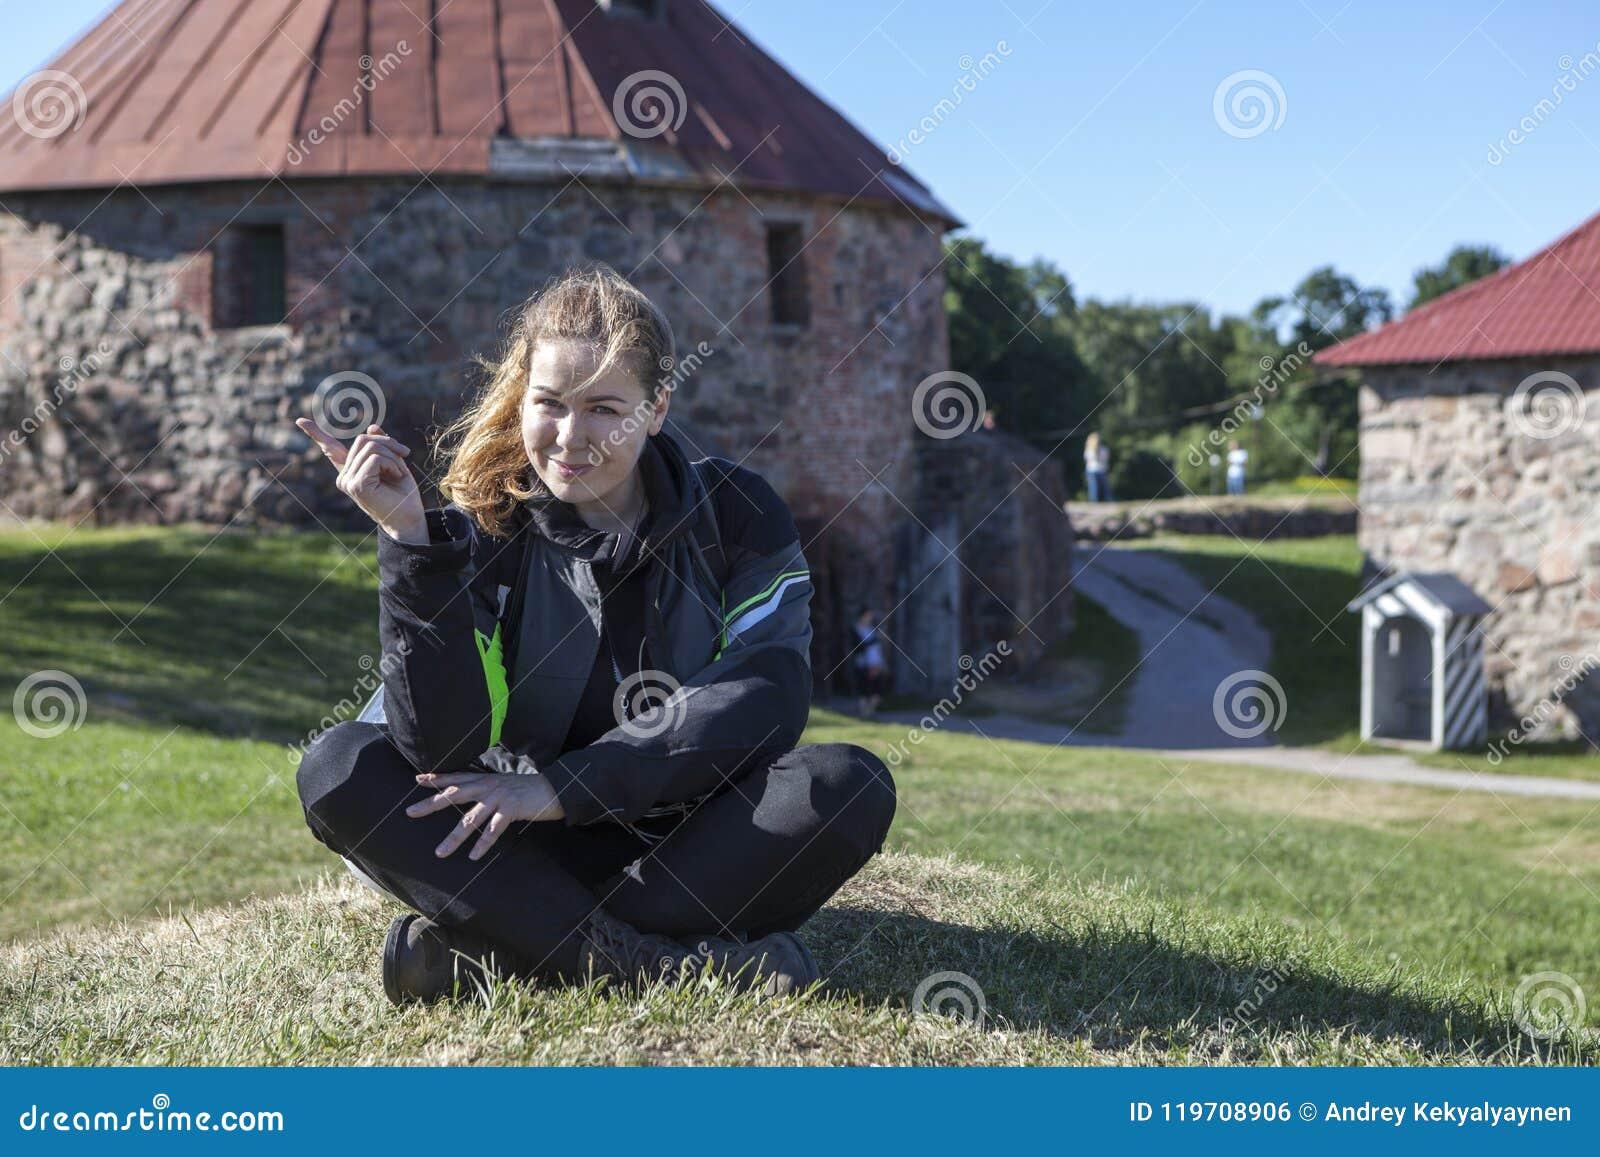 De blije Kaukasische vrouw in motorfietsjasje, knie bewaakt het zitten op groene weide in één of ander oriëntatiepunt, copyspace